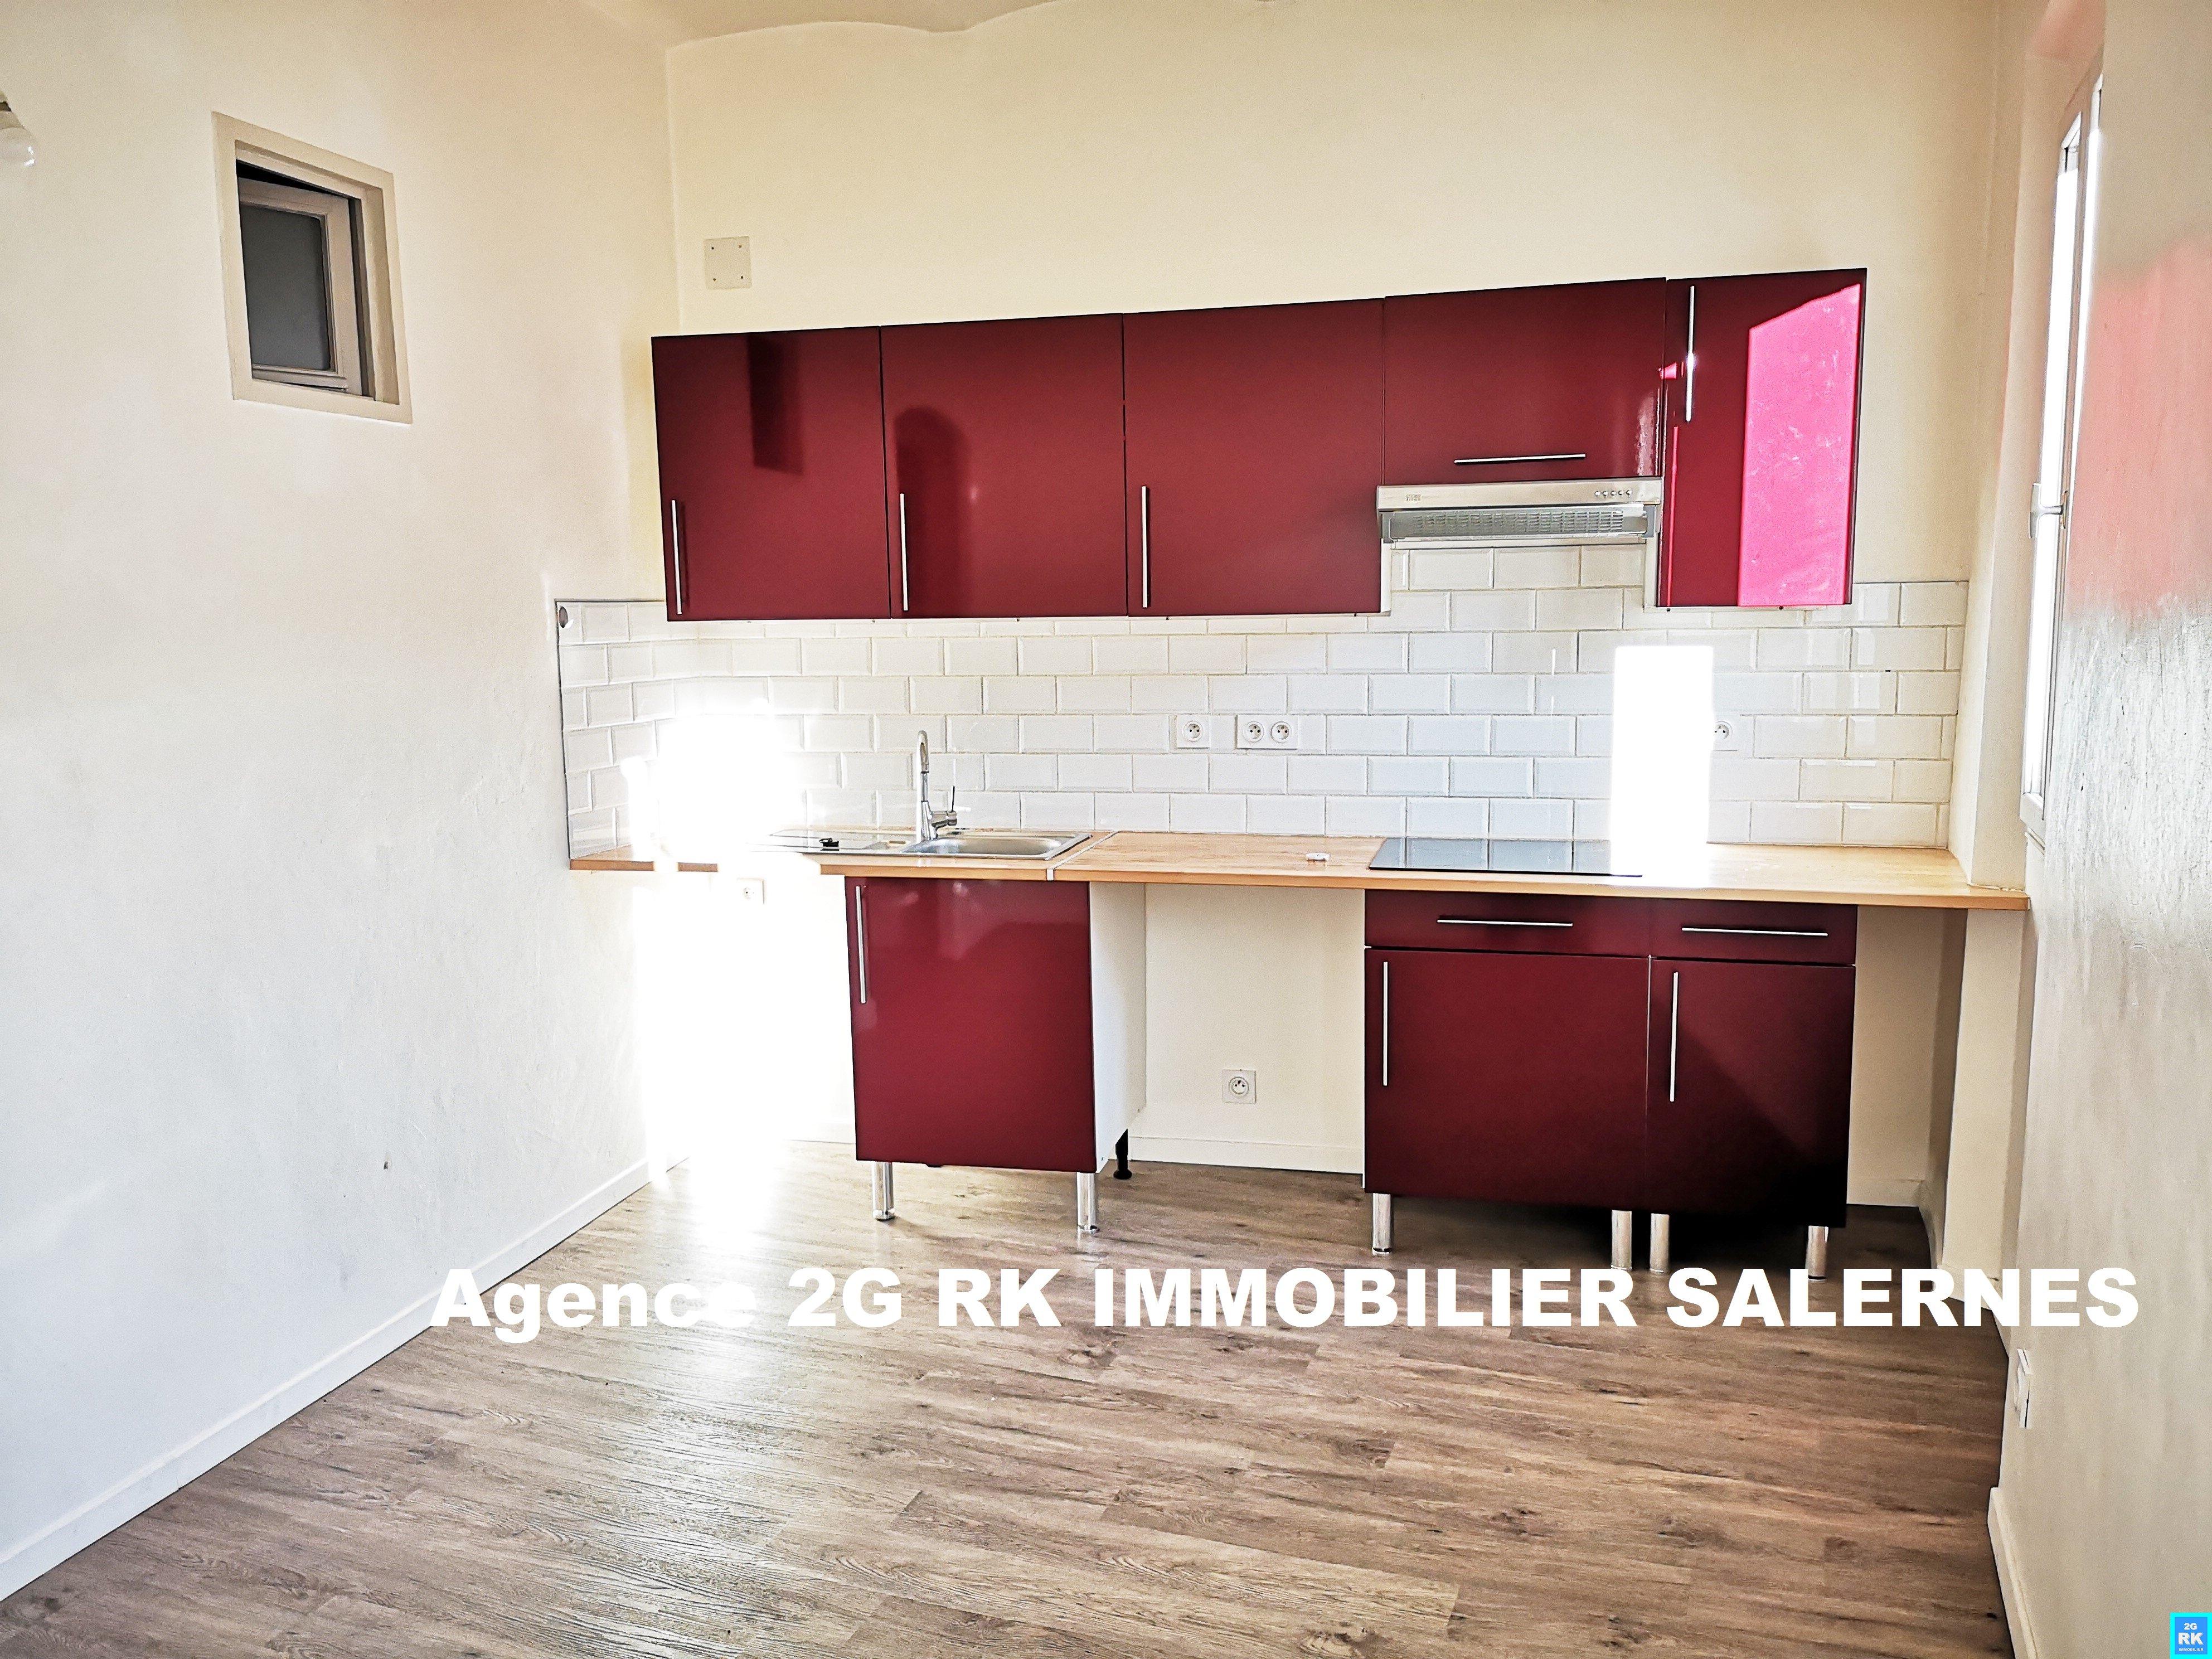 Appartement T2 de 27 m² rénové au 3ème étage.